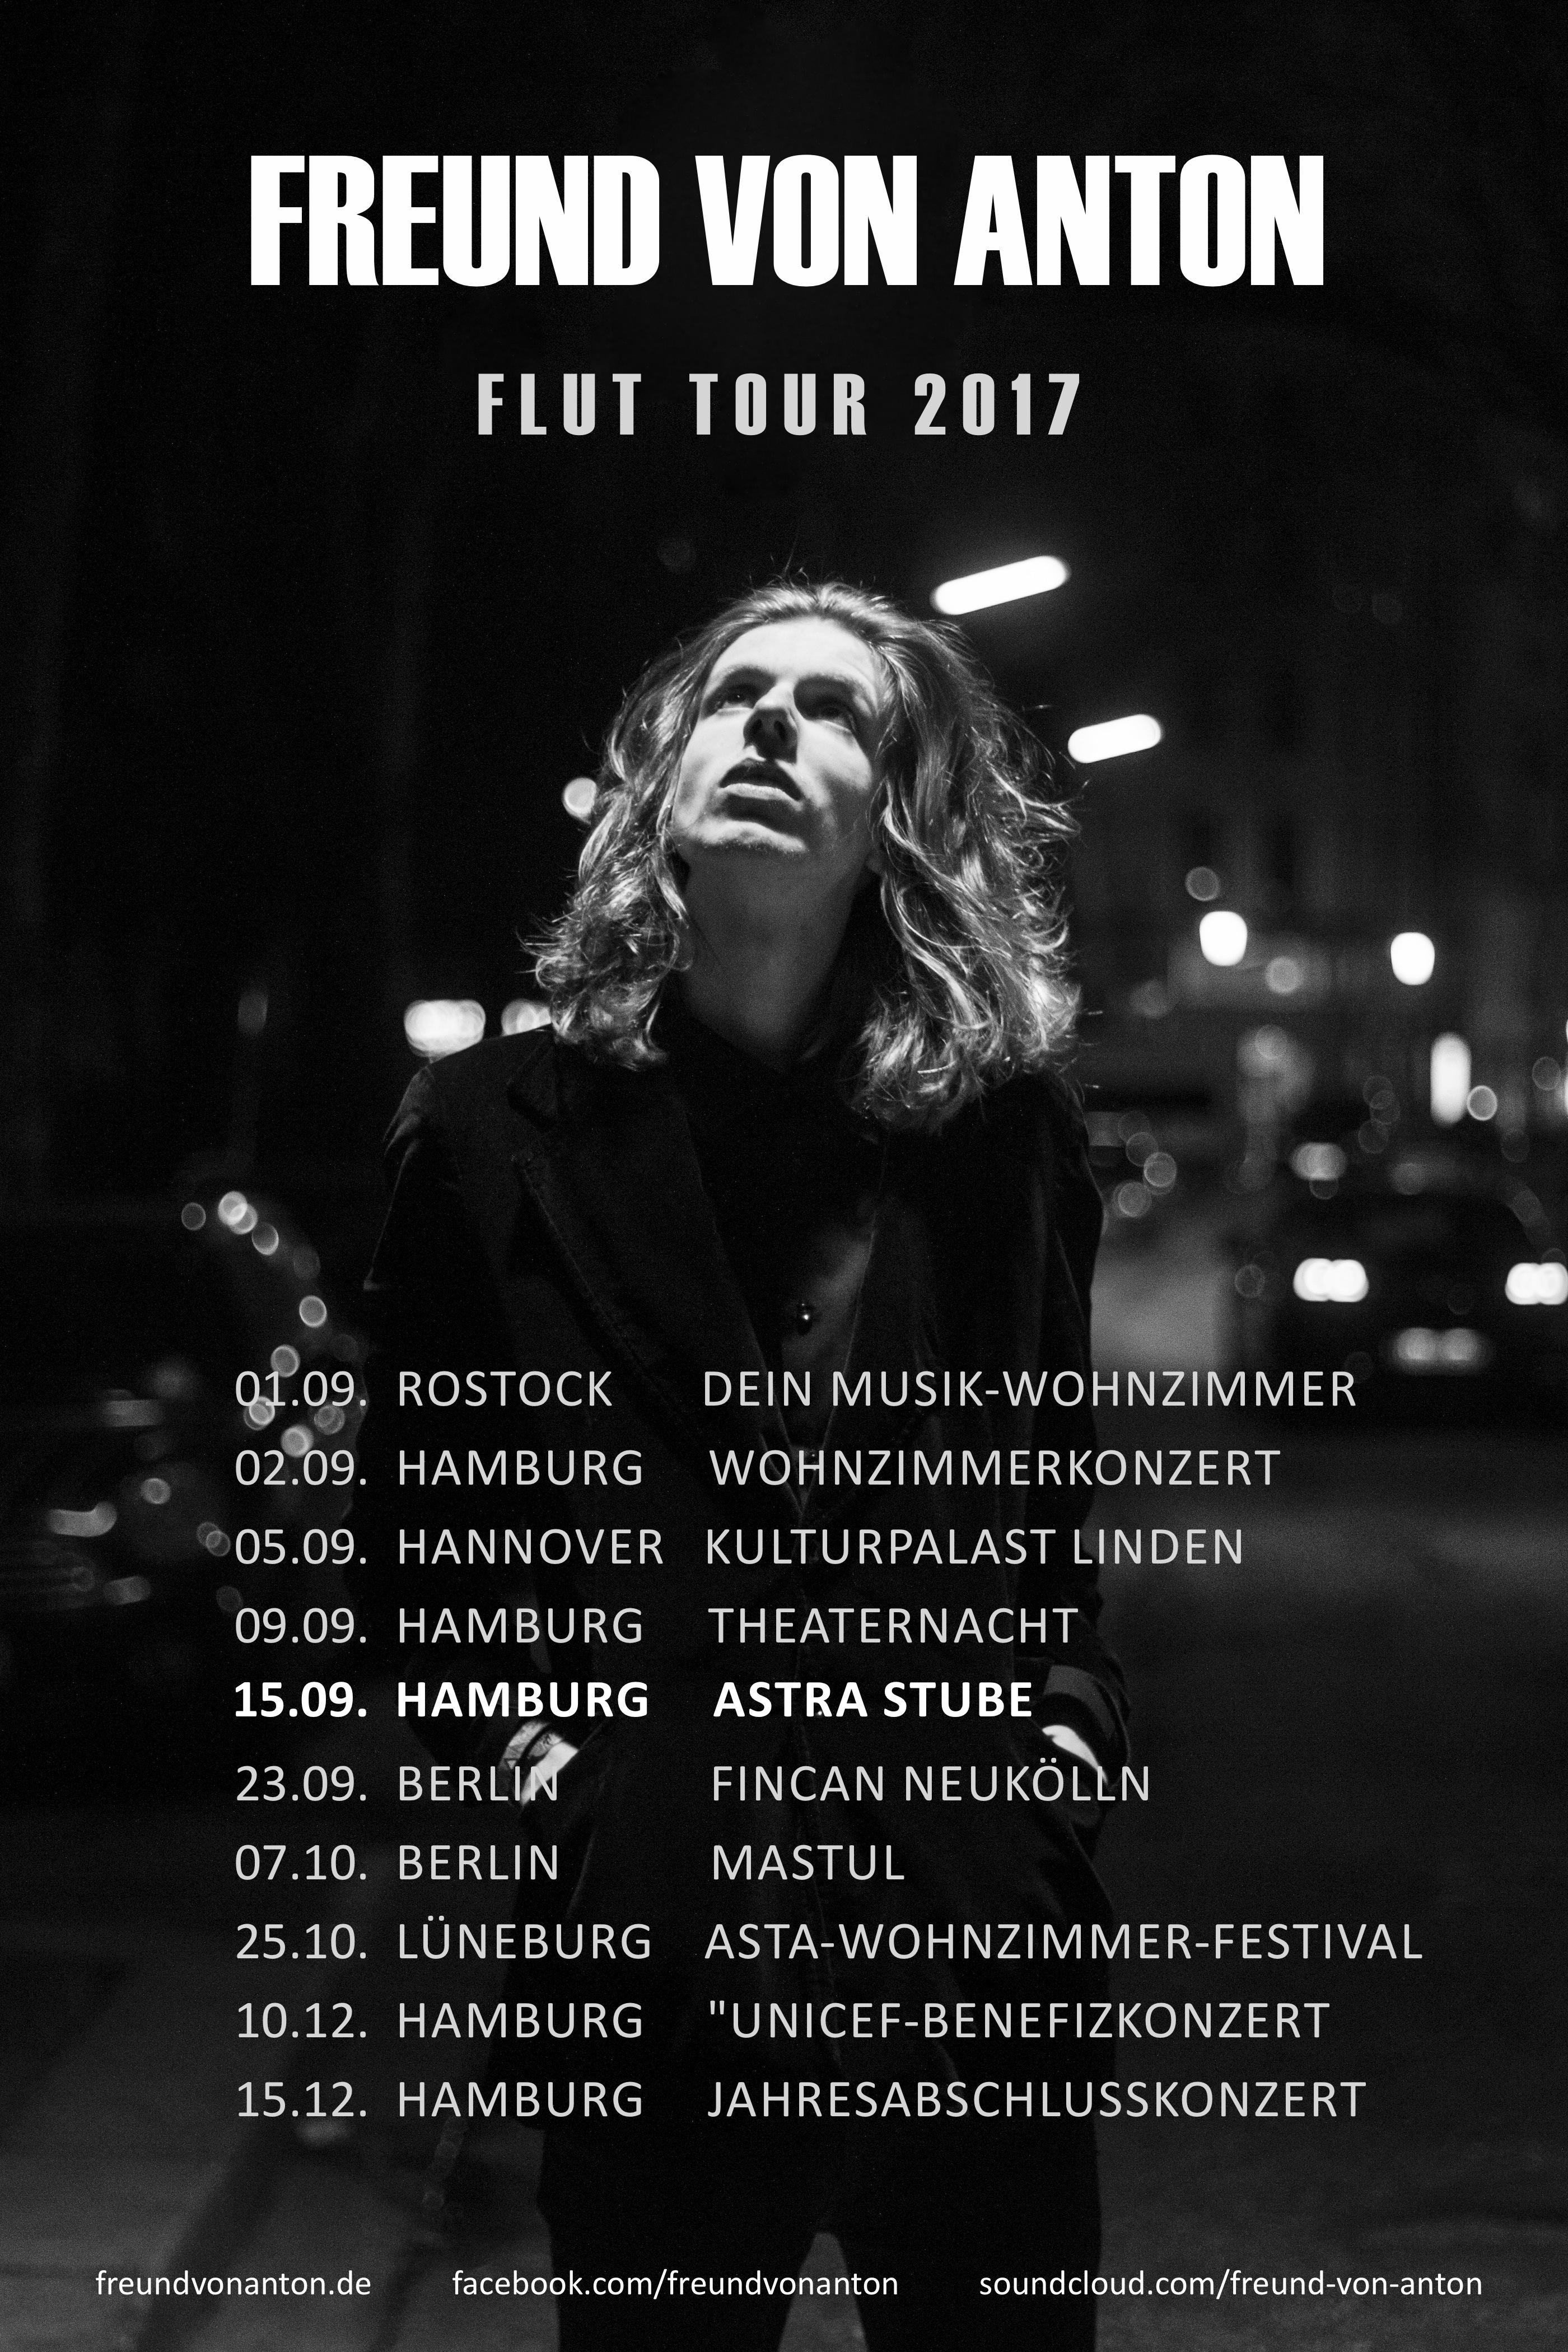 Hamburg Astra Stube Flut Releasekonzert 2209 Fr Das Freie Muss Platz Sein Zinnschmelze 2309 Berlin Fincan Neuklln 0710